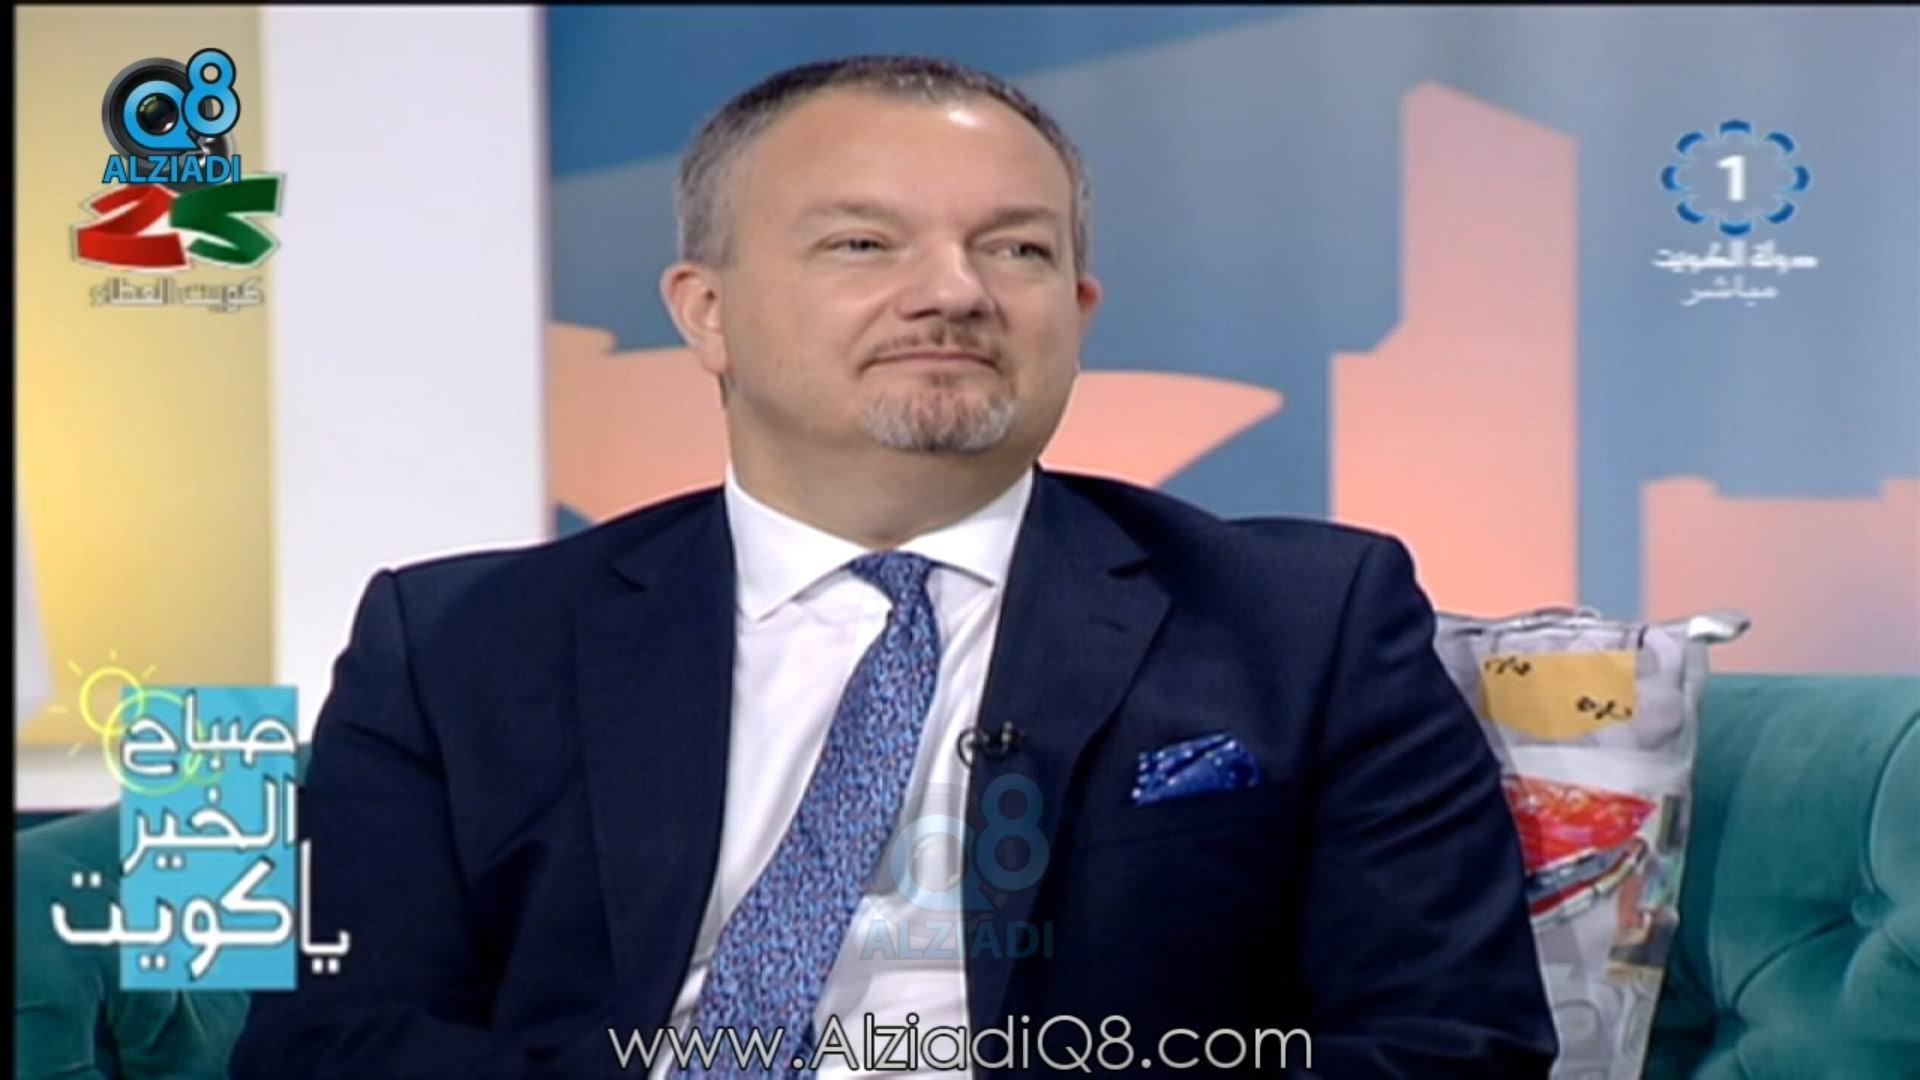 فيديو : لقاء مع السفير البريطاني بخصوص إعفاء الكويتيين من التأشيرة البريطانية